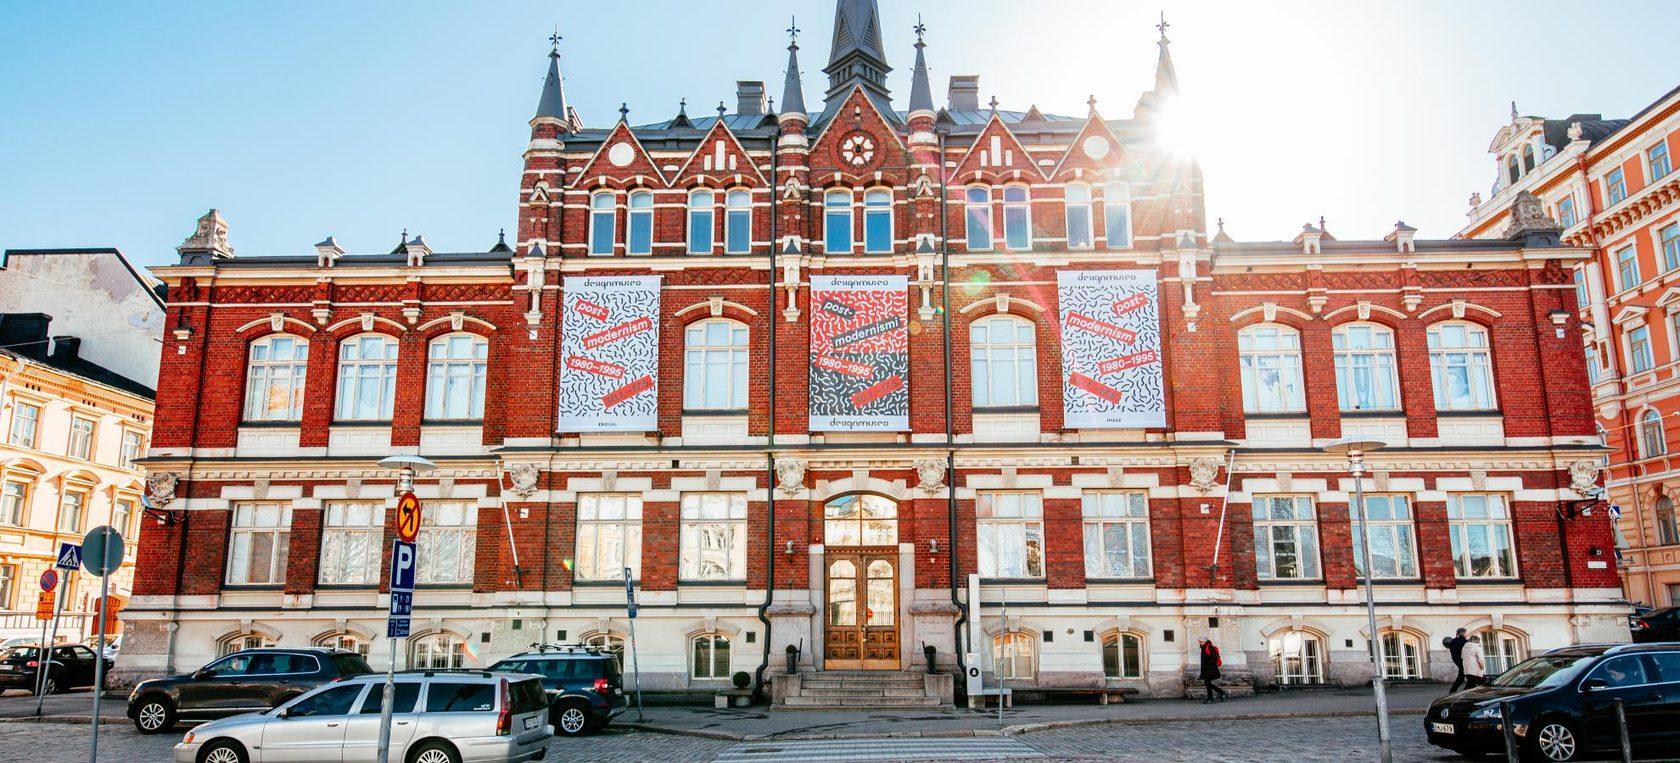 Музей дизайна в Хельсинки, режим работы, цены, описание музея